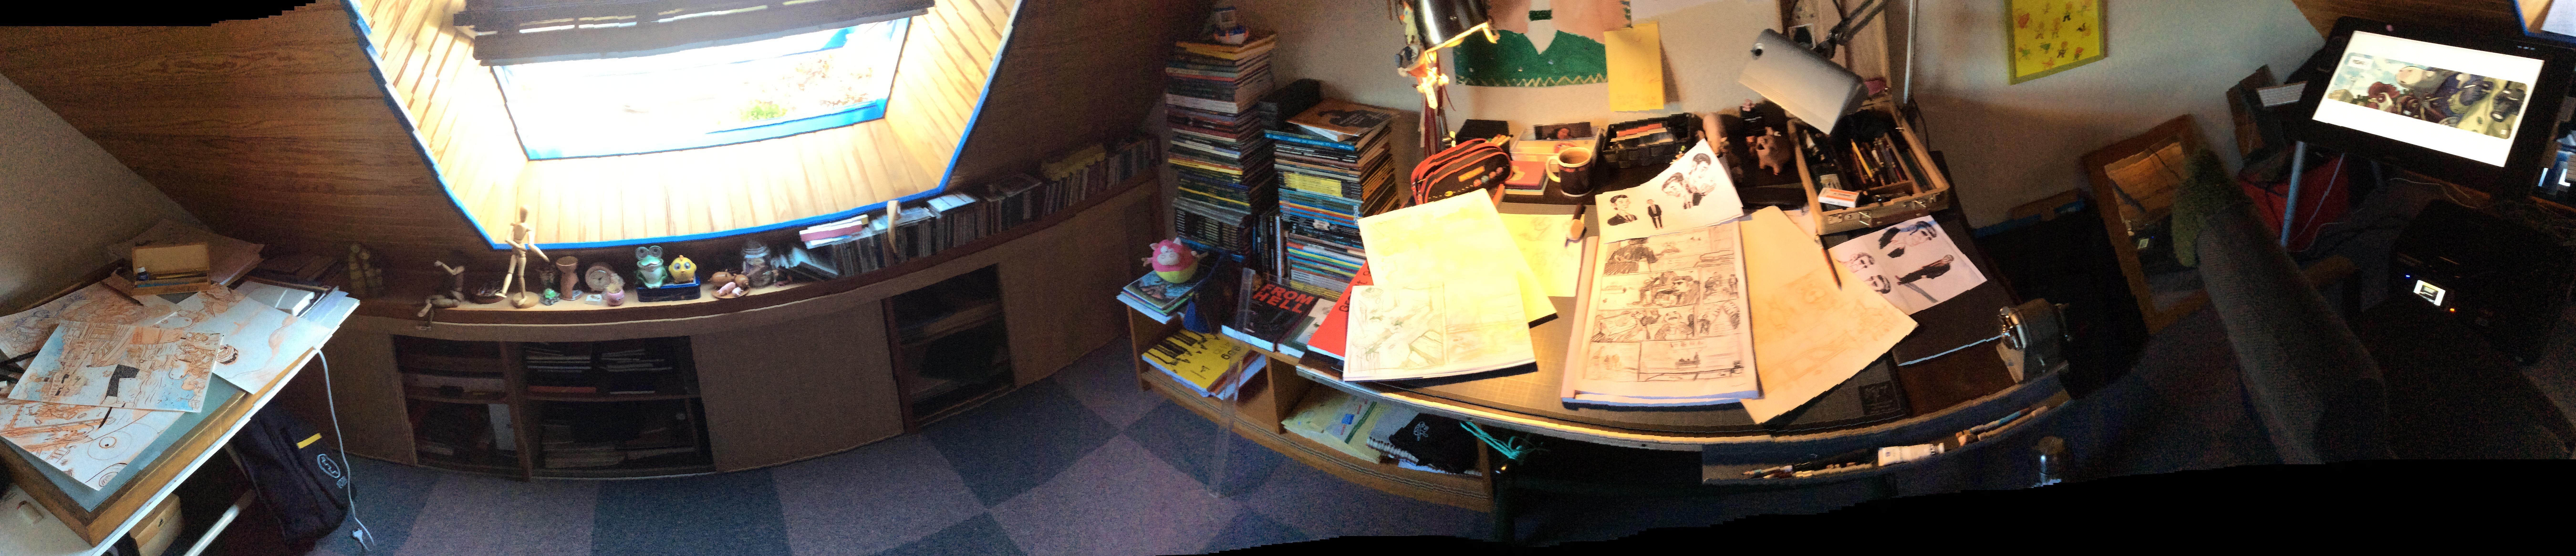 Atelier de Cédrick Le Bihan (5)